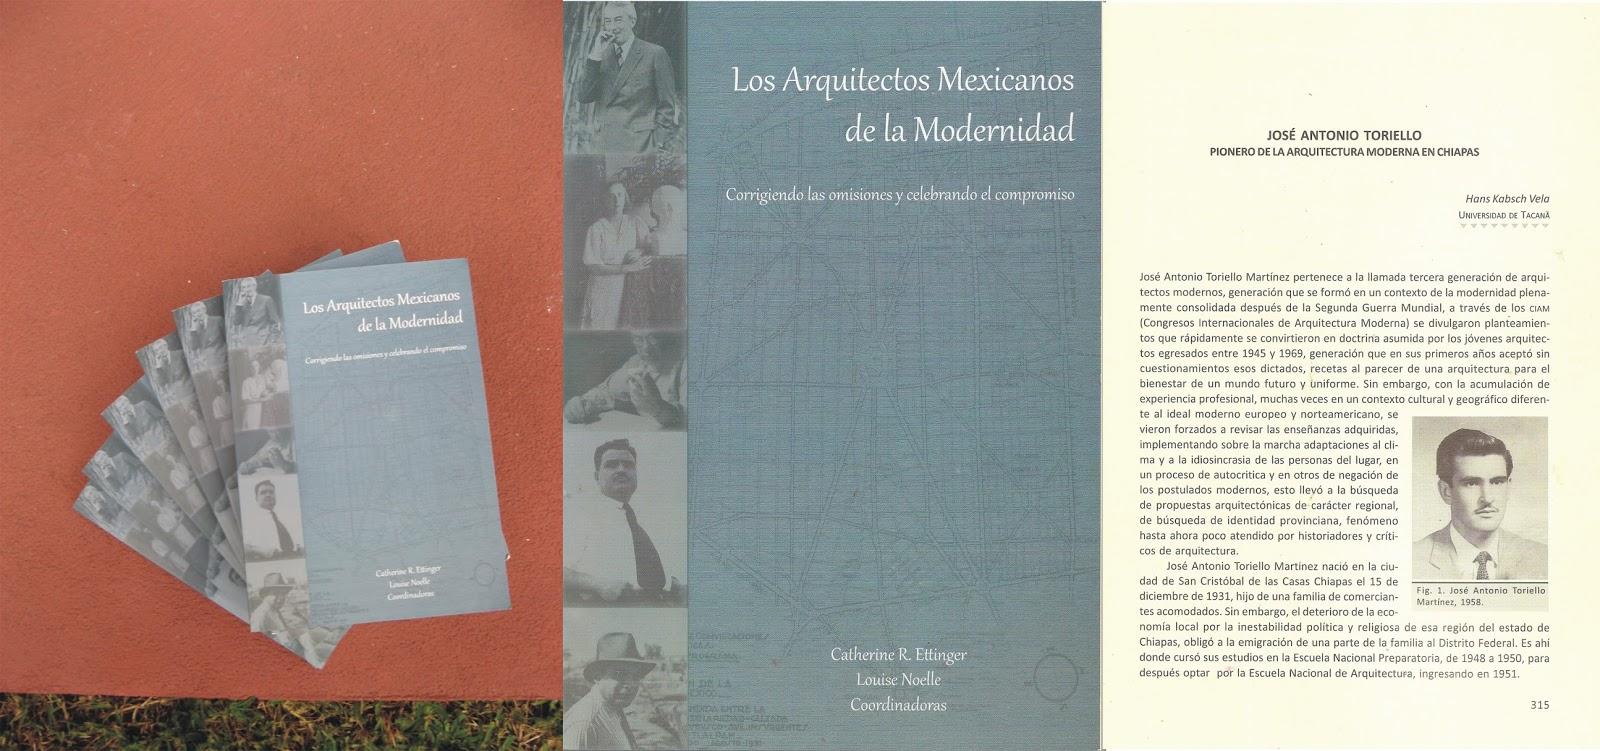 Los arquitectos mexicanos de la modernidad corrigiendo for Arquitectos mexicanos